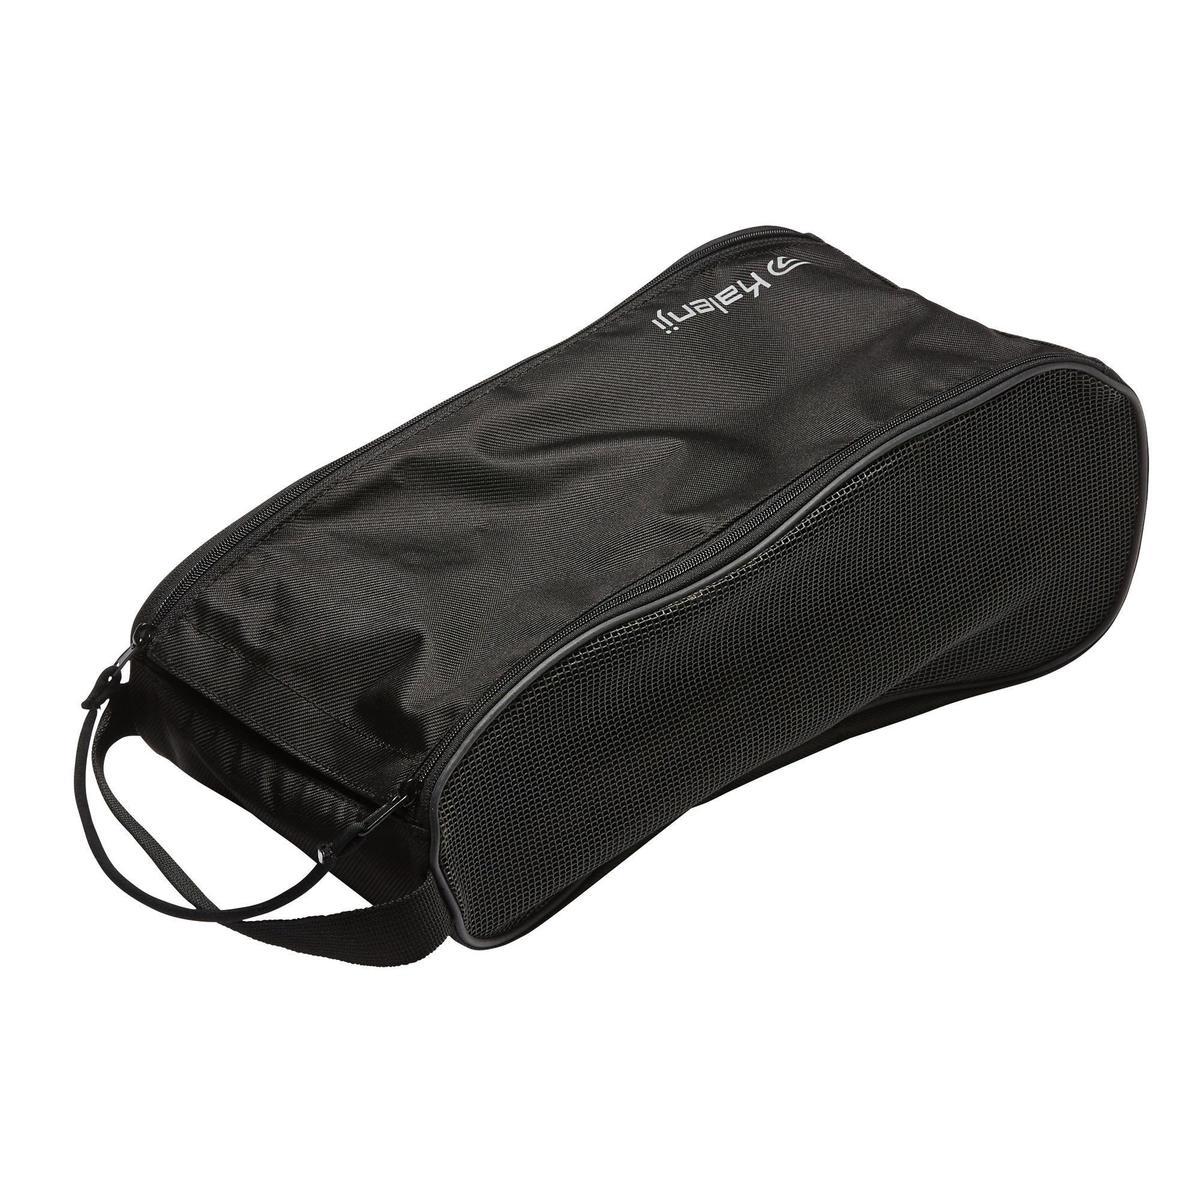 Bild 1 von Tasche für Spikes